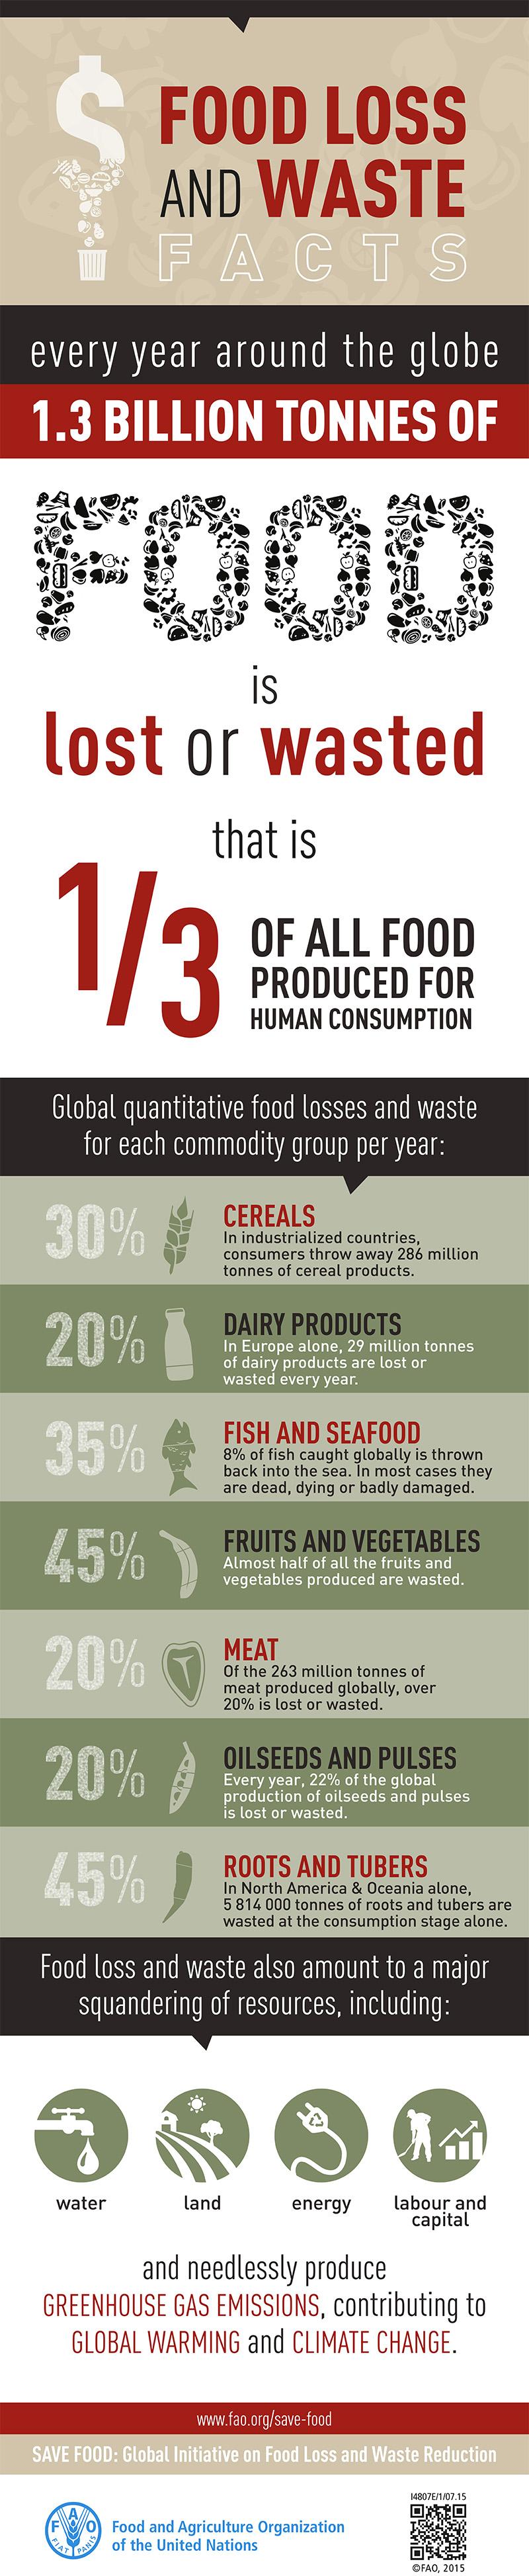 FAO Infographic FoodWaste en - Niemand is perfect, ook groenten niet! Check kromkommer...